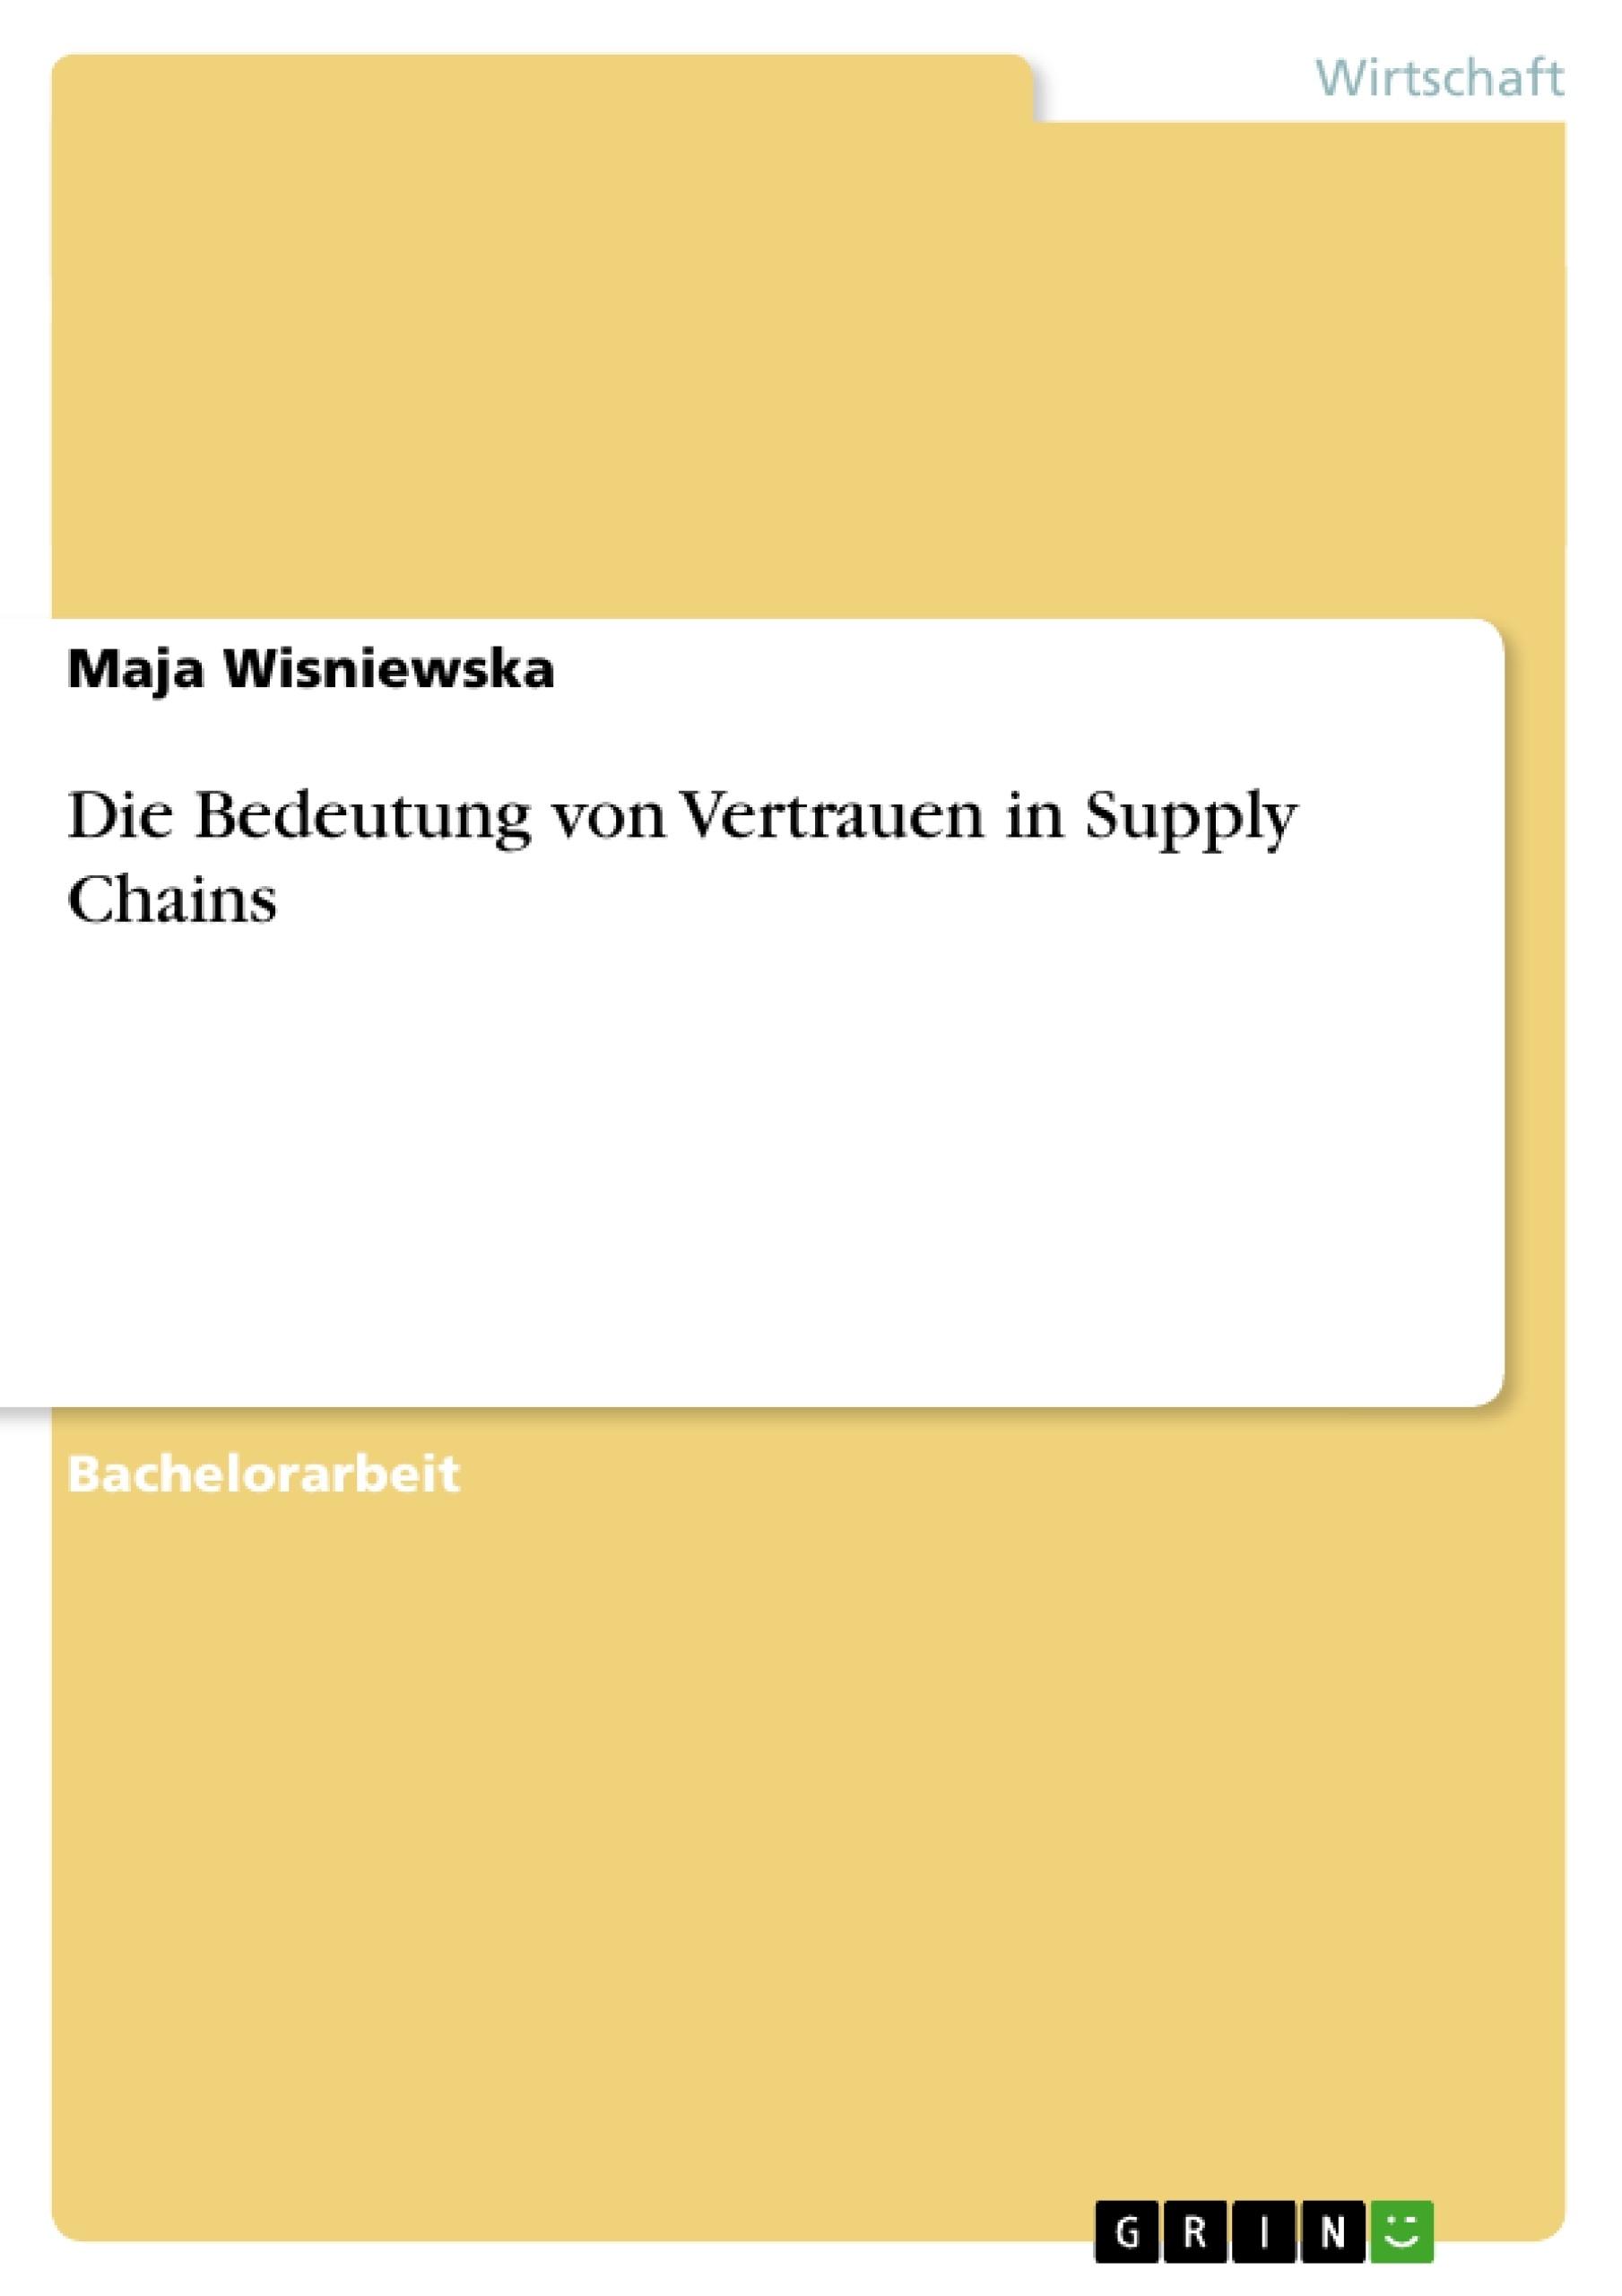 Titel: Die Bedeutung von Vertrauen in Supply Chains